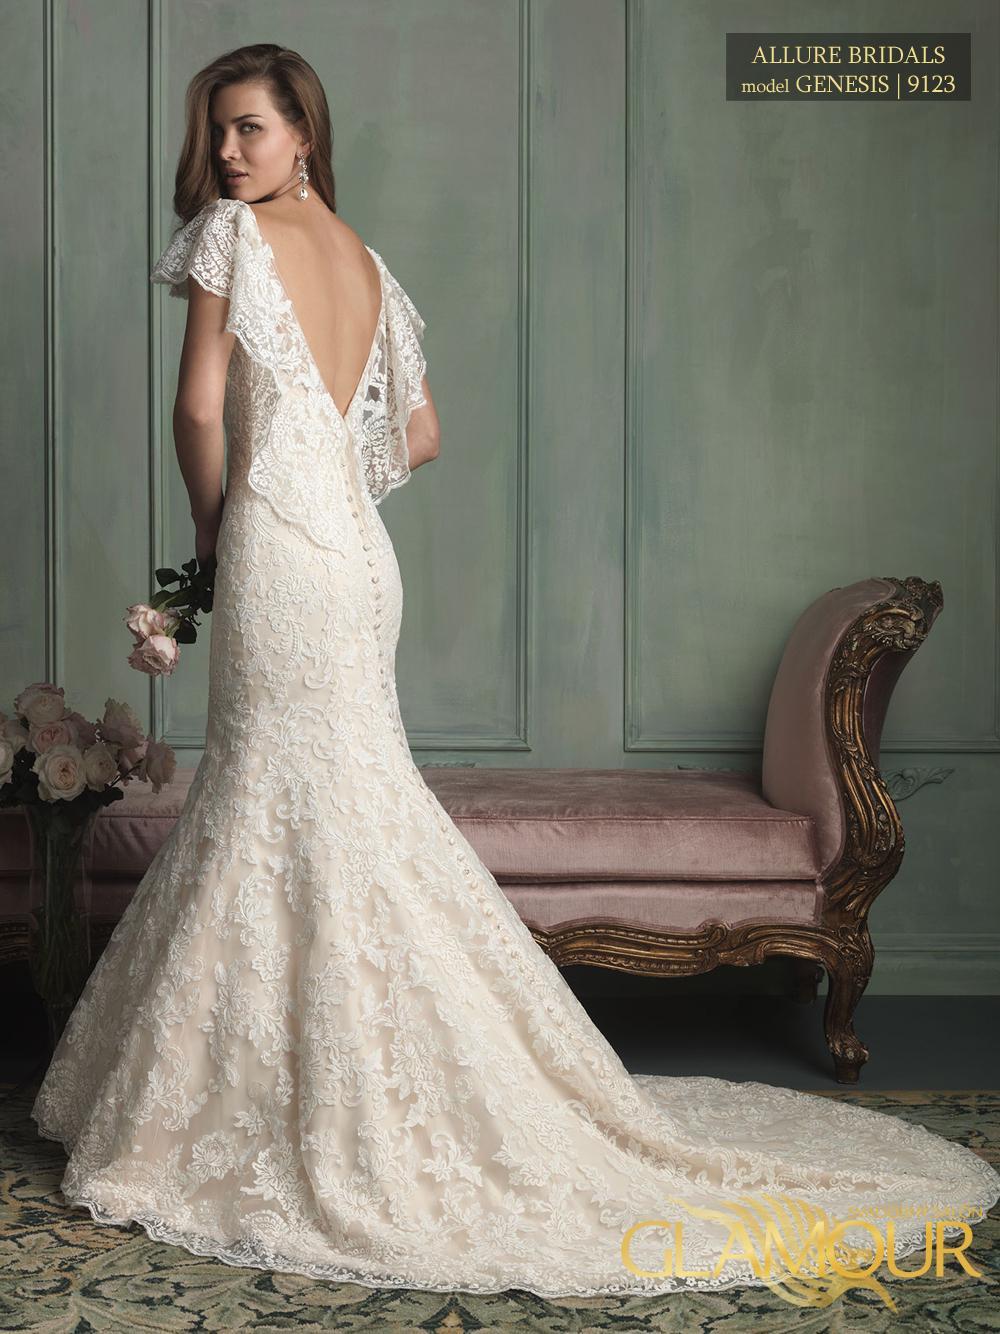 Nova kolekcia Allure Bridals 2014 - Allure Bridals model Genesis